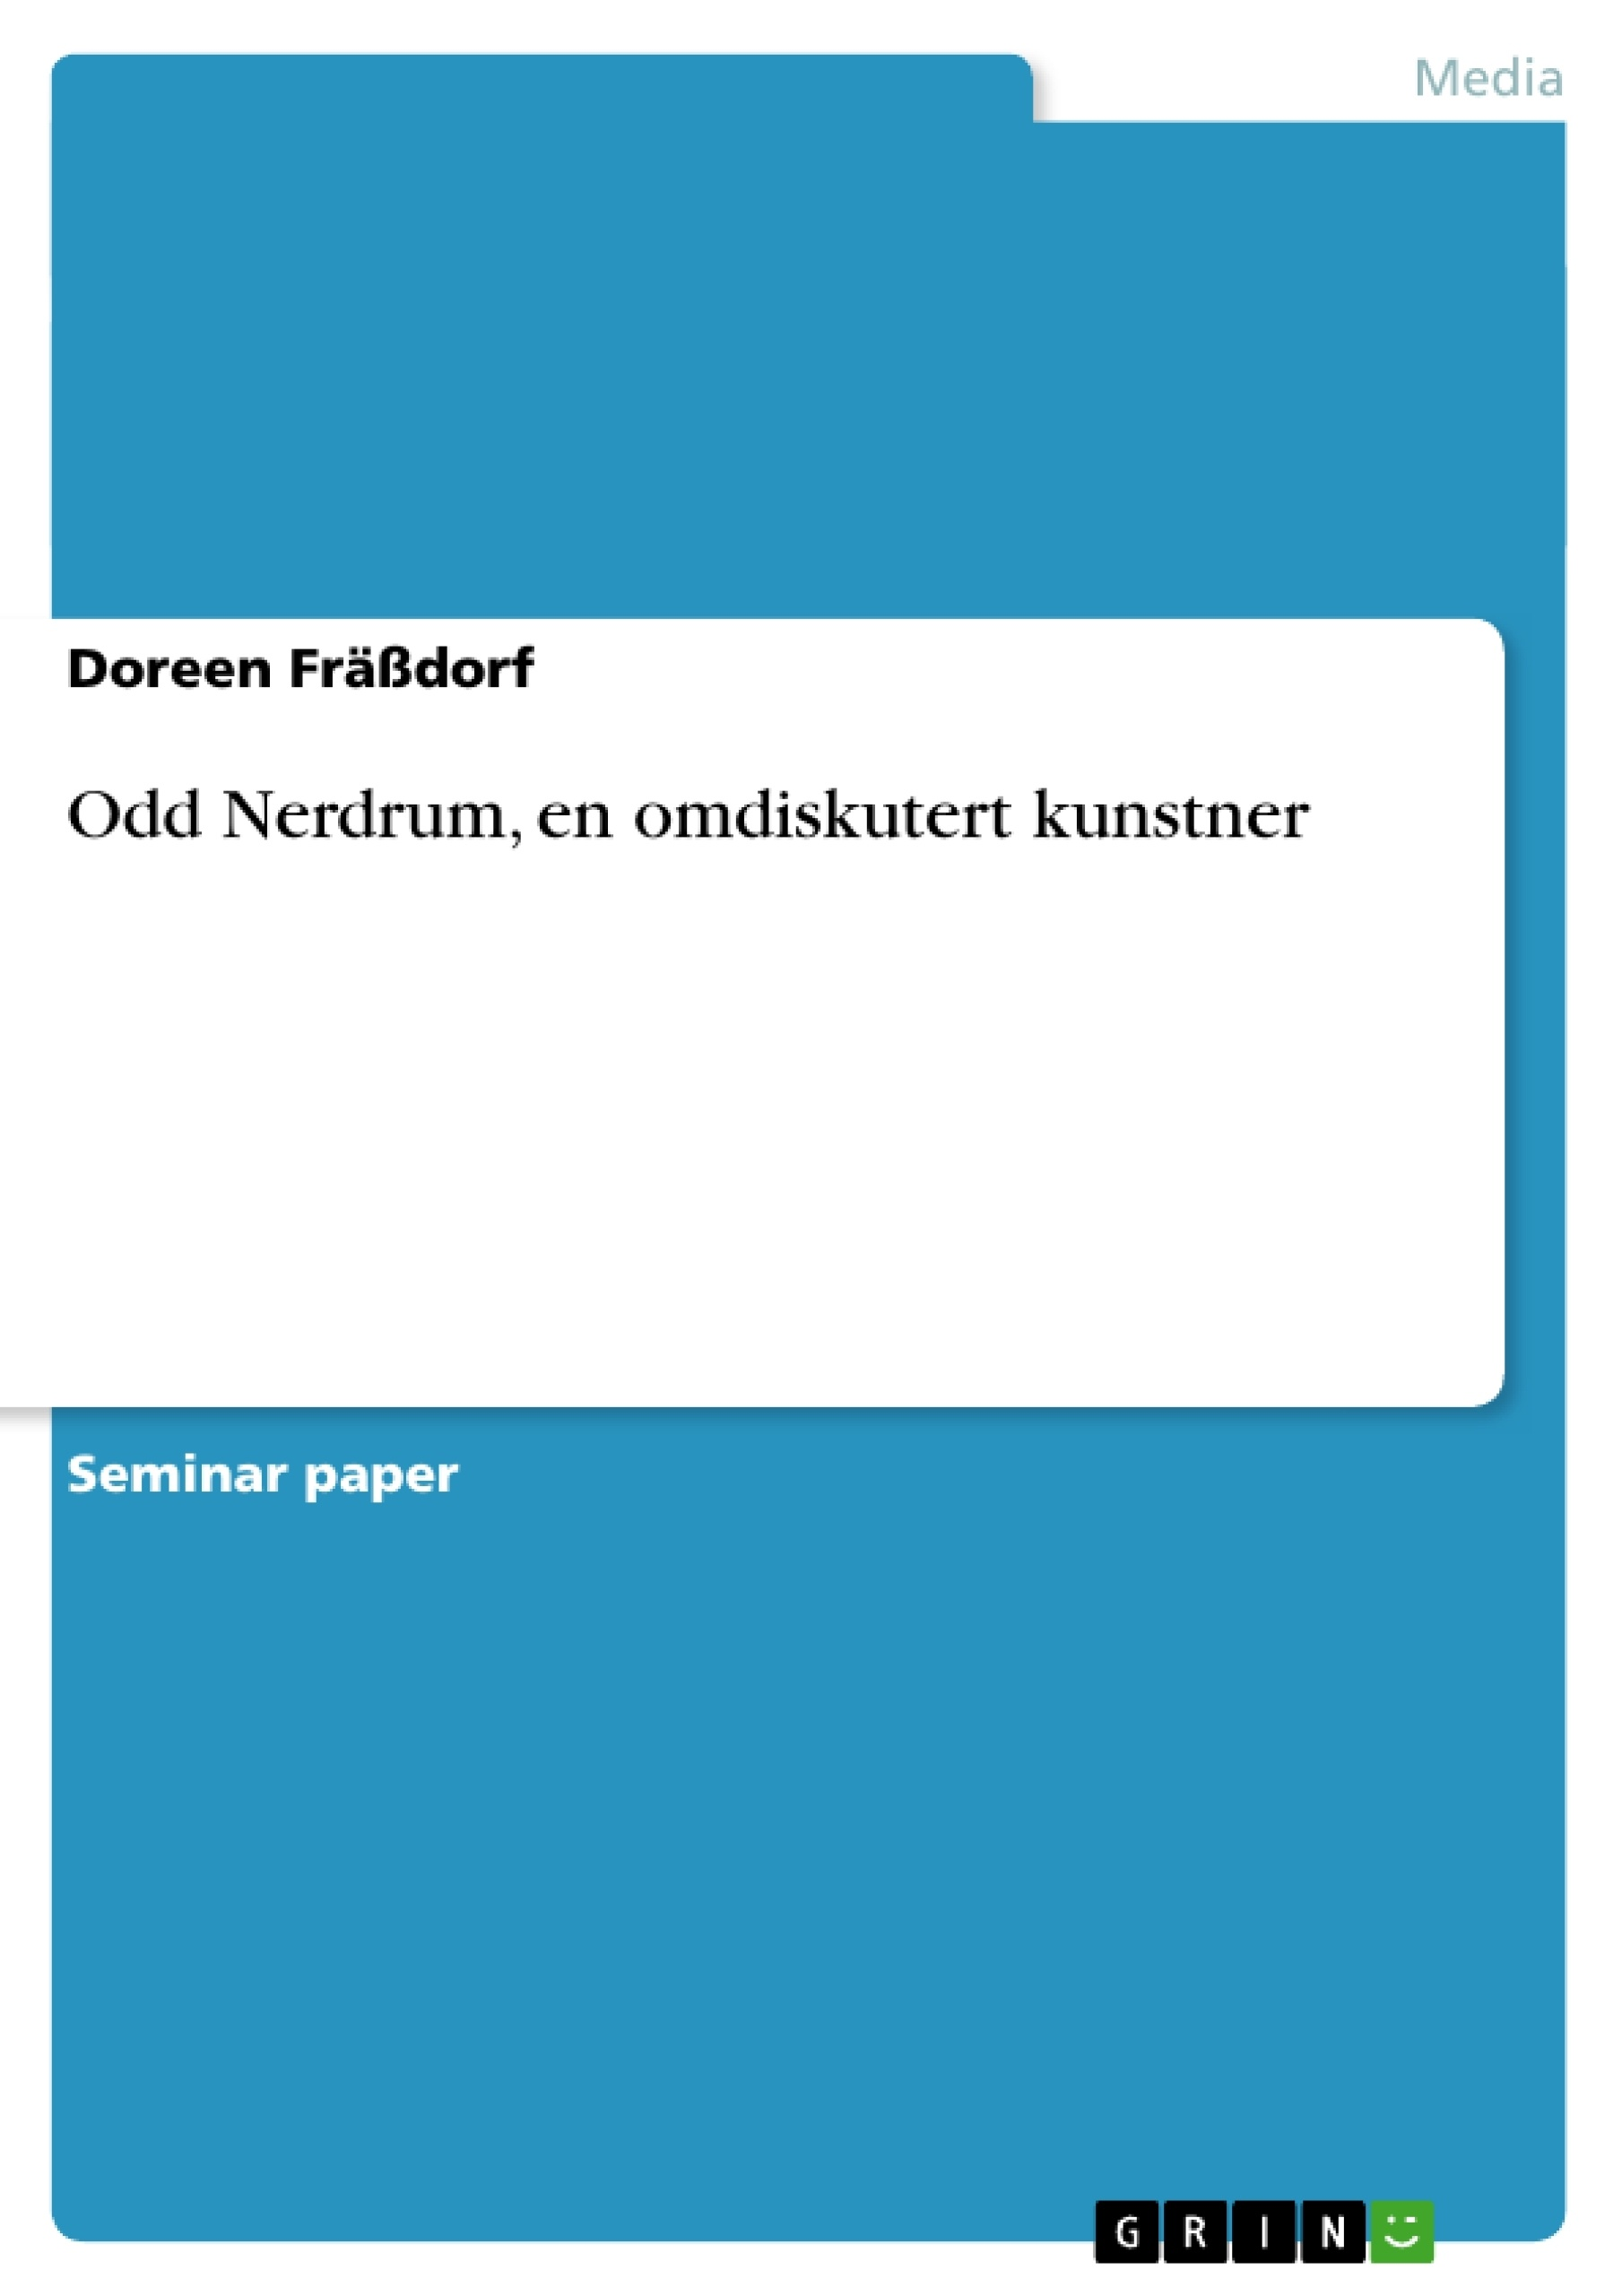 Title: Odd Nerdrum, en omdiskutert kunstner